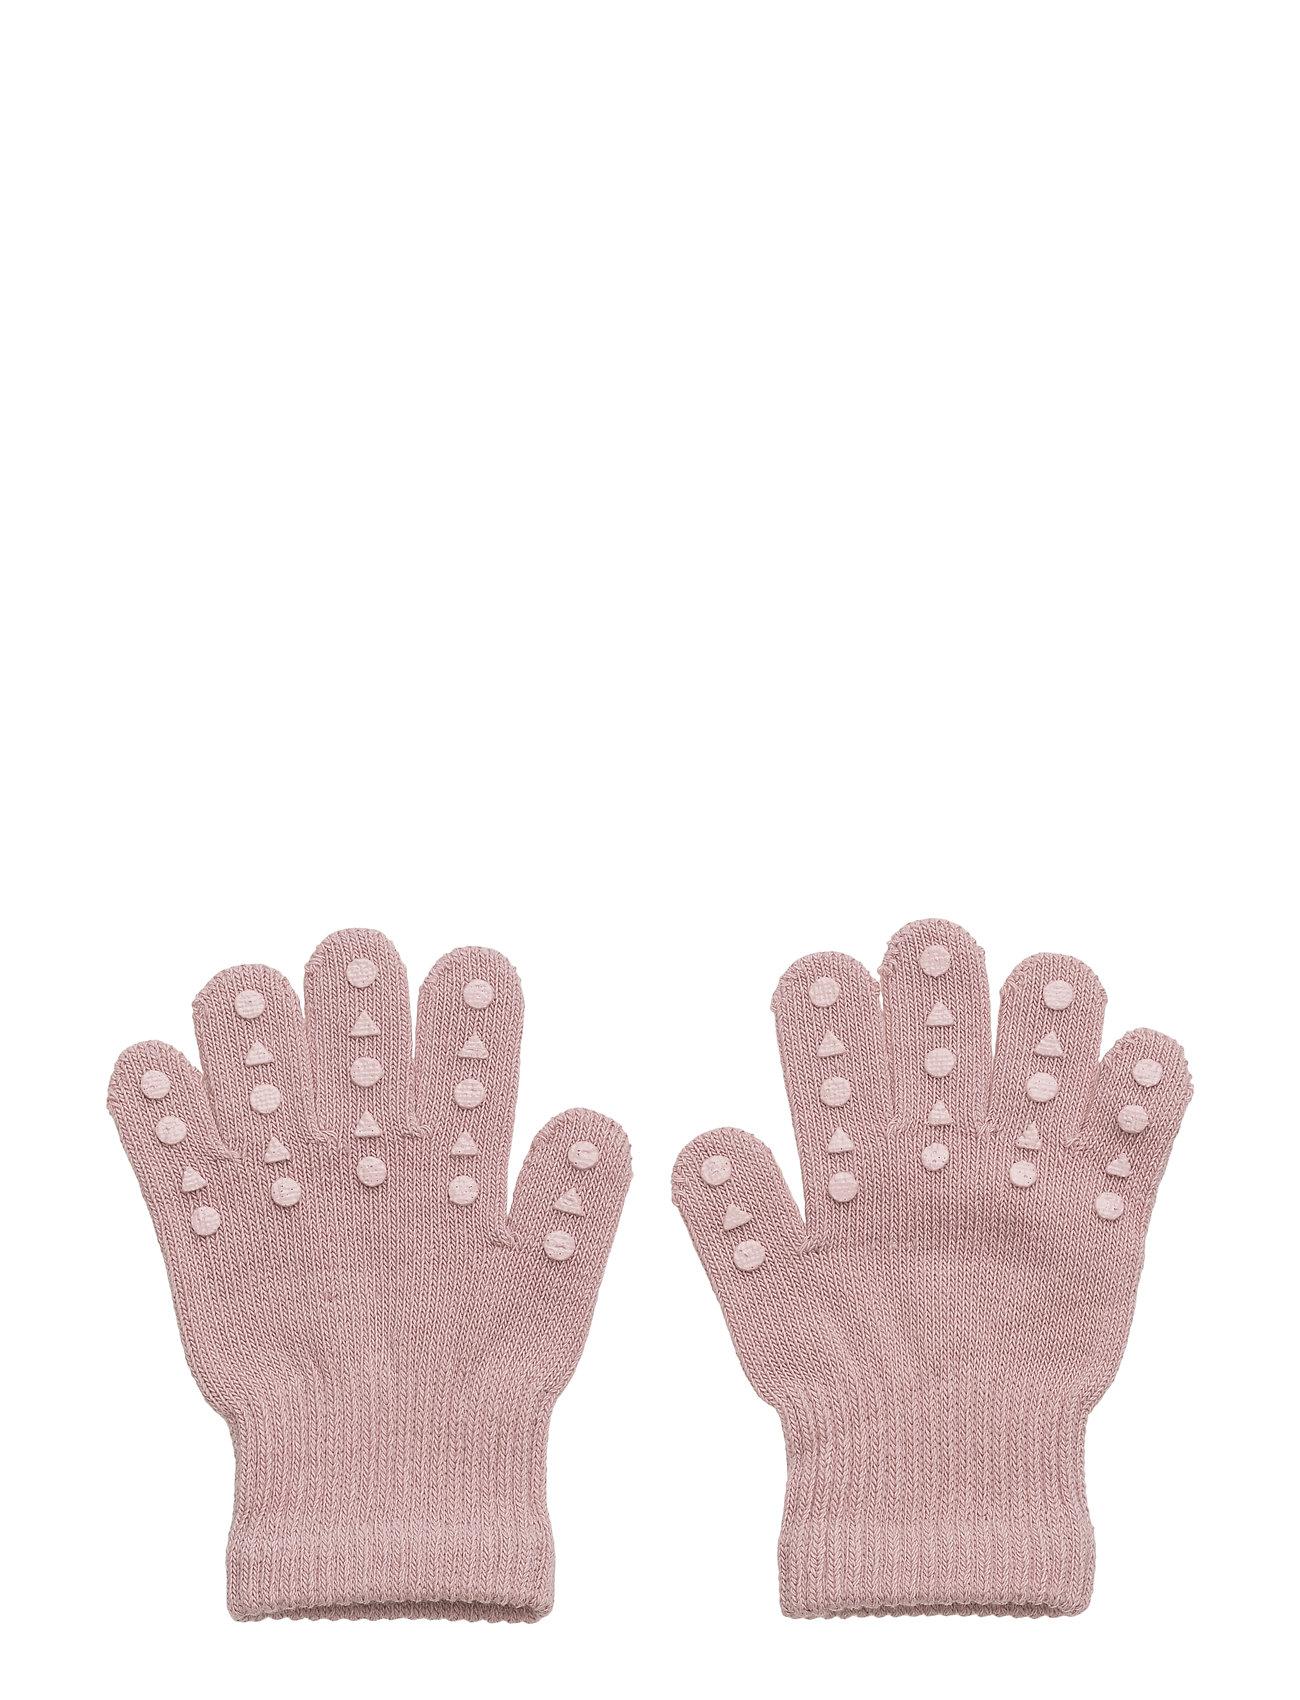 Grip Gloves Gobabygo Handsker til Børn i